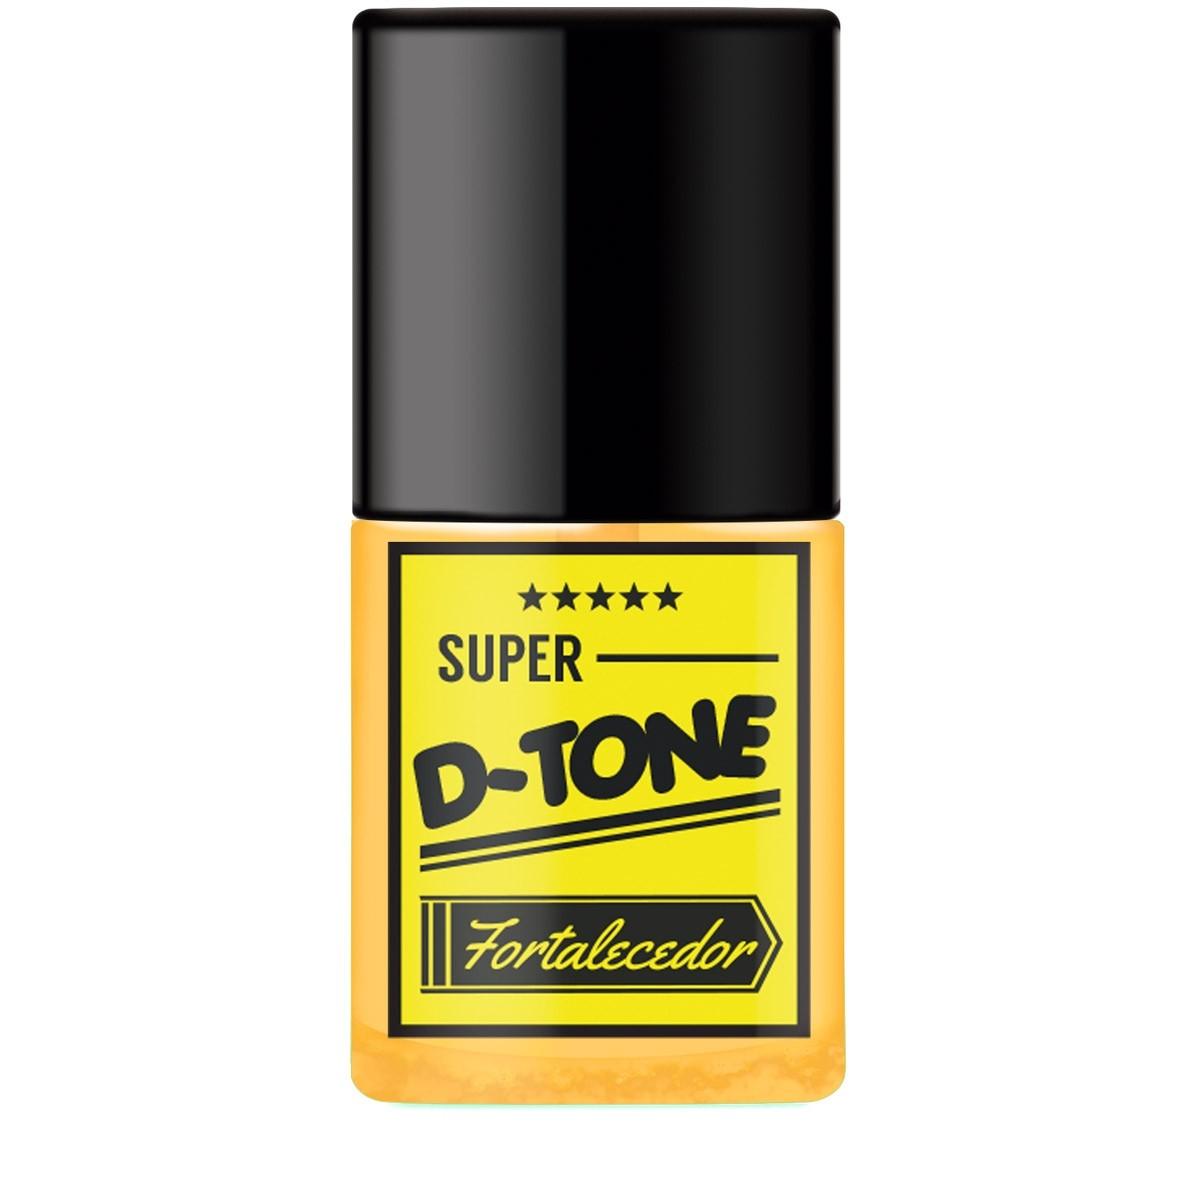 Fortalecedor Super D-Tone Top Beauty